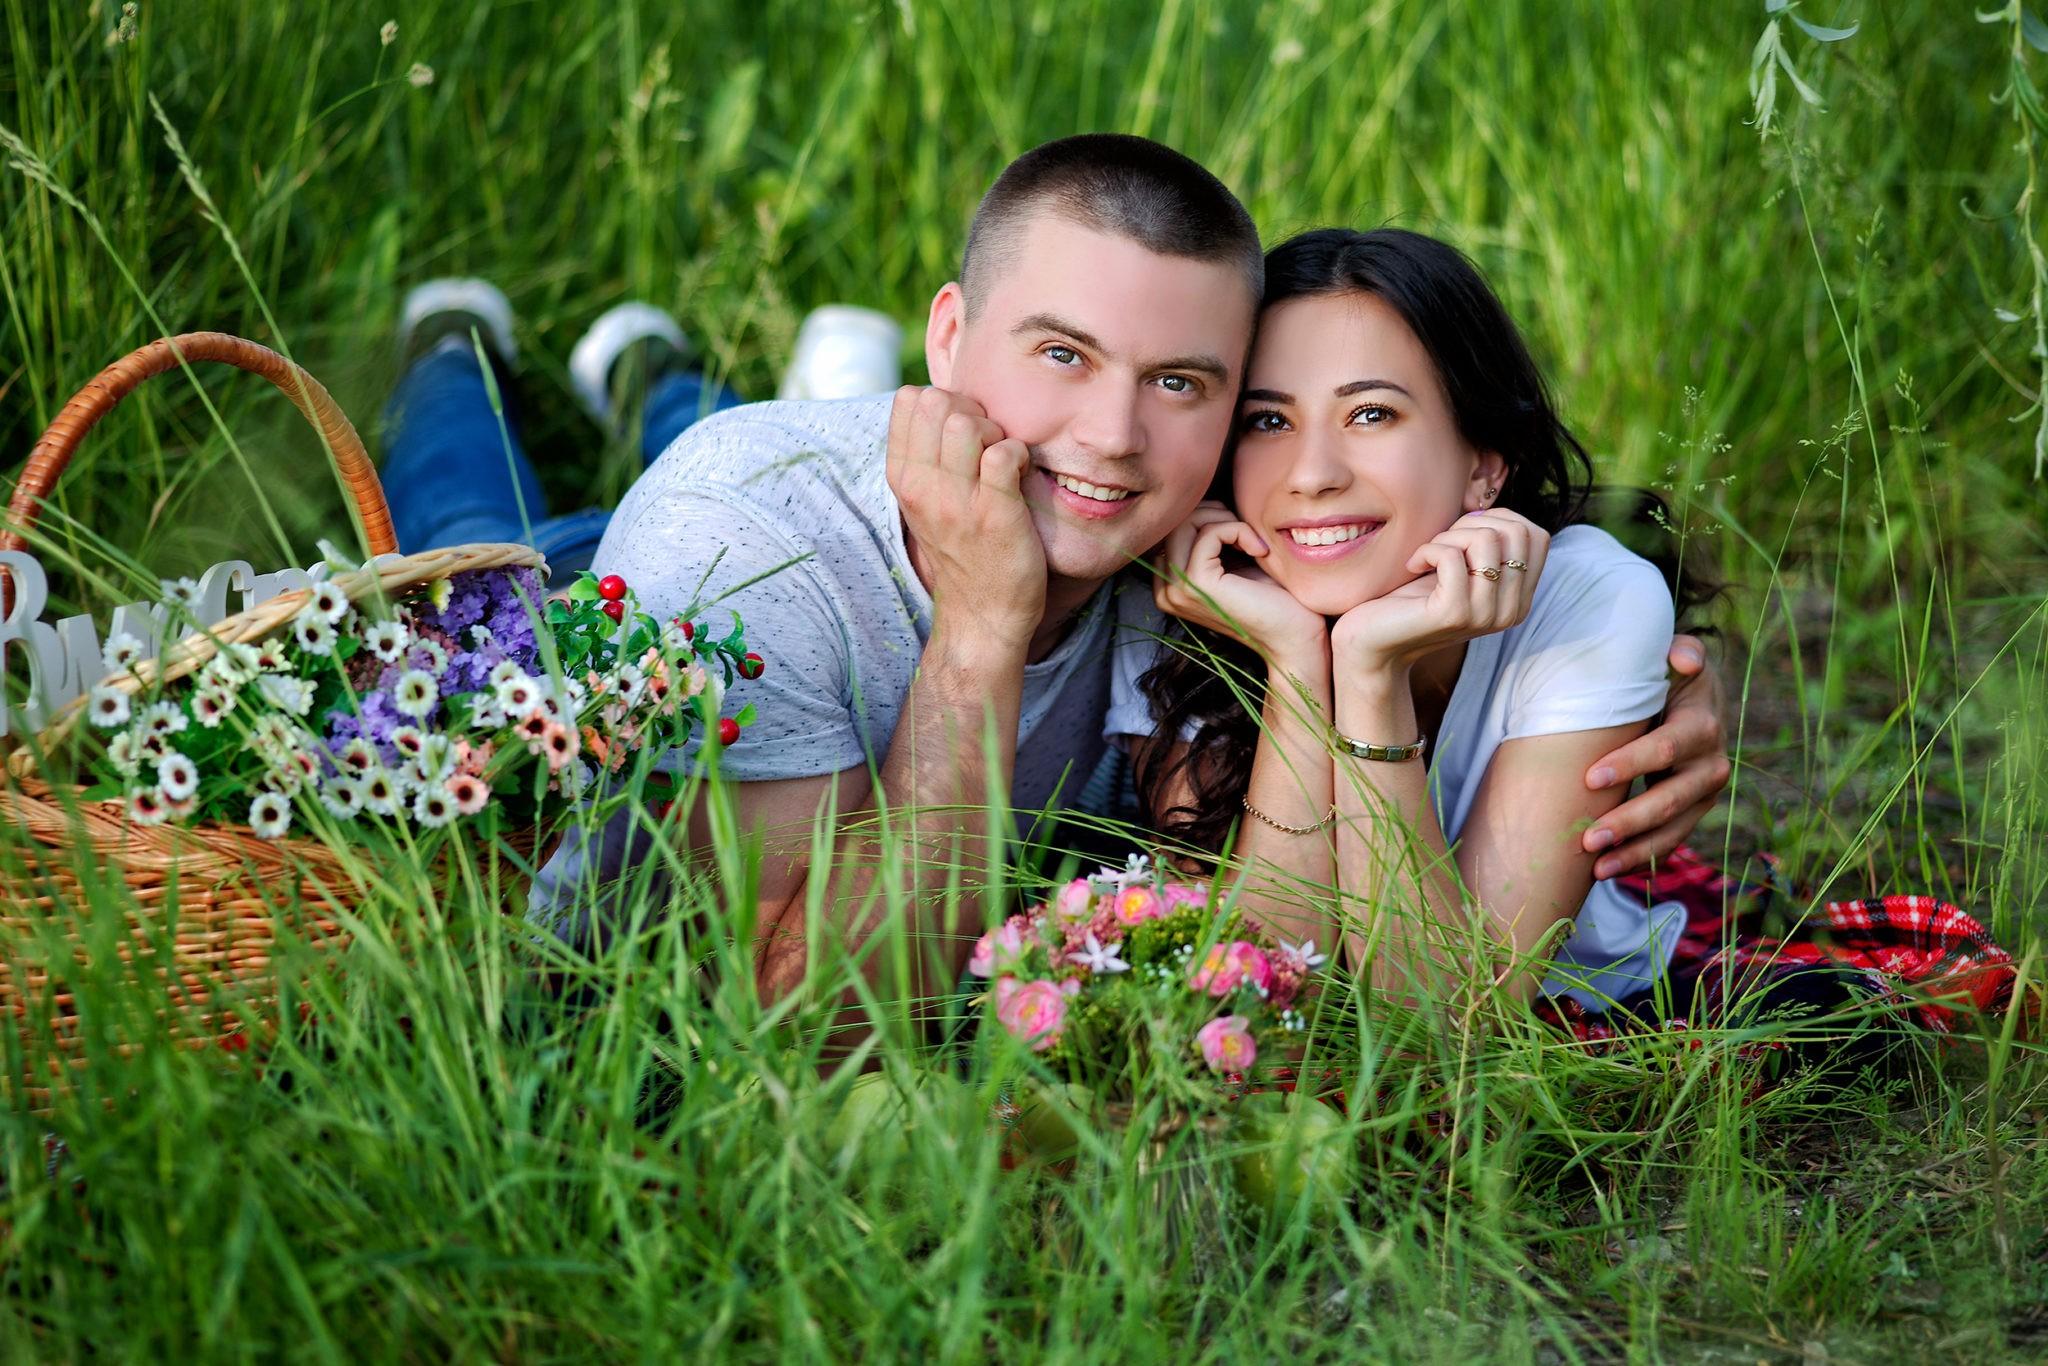 Предсвадебная фотосъемка от свадебного фотографа в парковой зоне